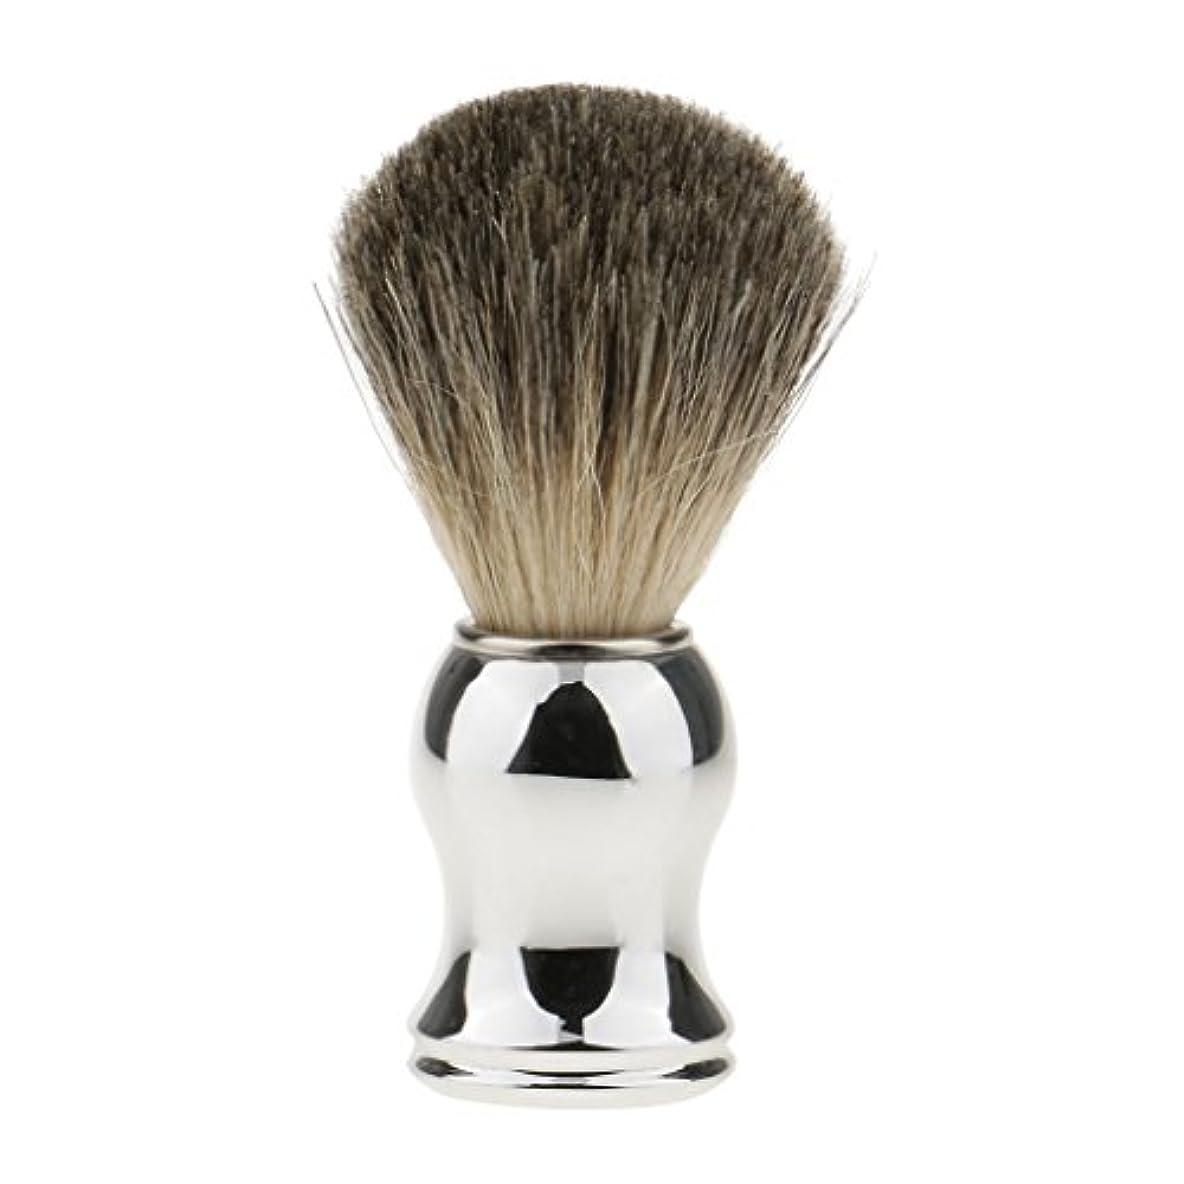 マスク肺炎交響曲Hellery ひげブラシ シェービング ブラシ メンズ 理容 洗顔 髭剃り 泡立ち 11.2cm 全2色 - シルバーハンドル